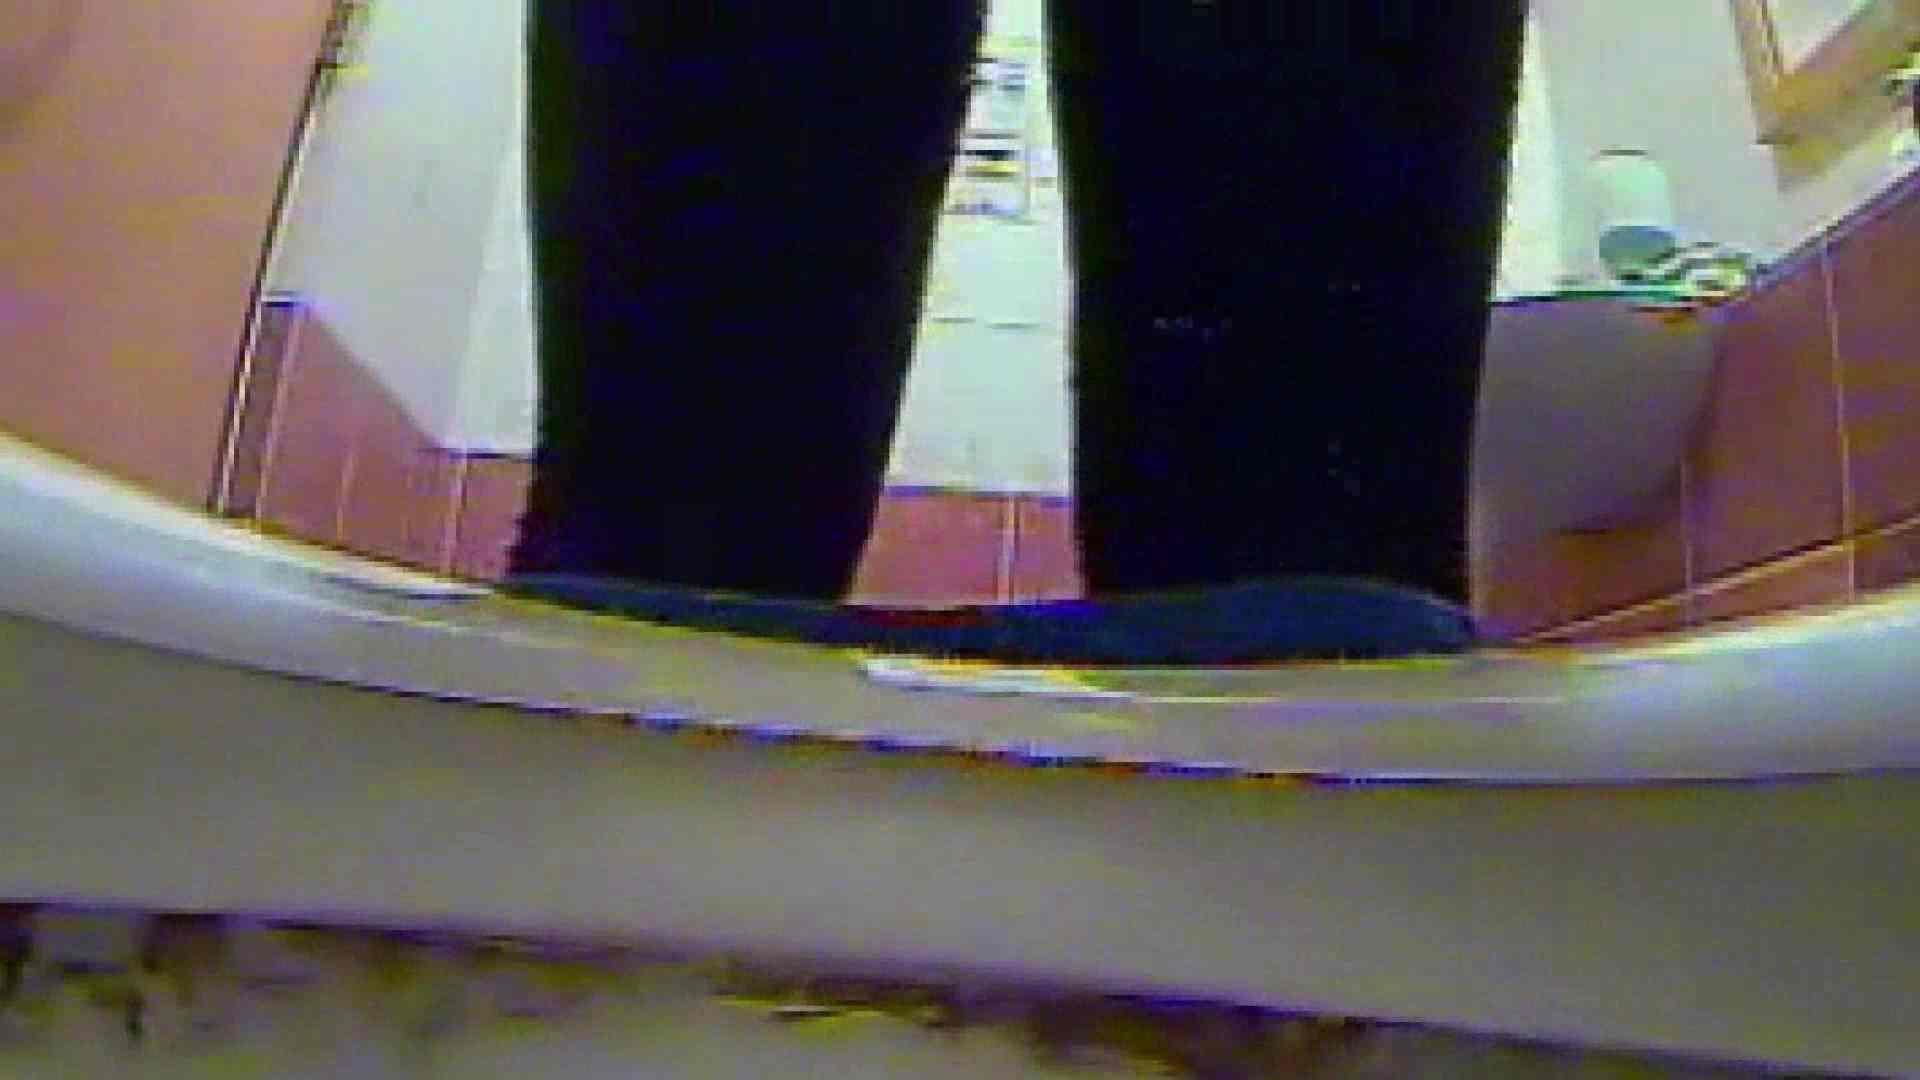 キレカワ女子大生の秘密の洗面所!Vol.018 エッチな盗撮 オメコ動画キャプチャ 88pic 21